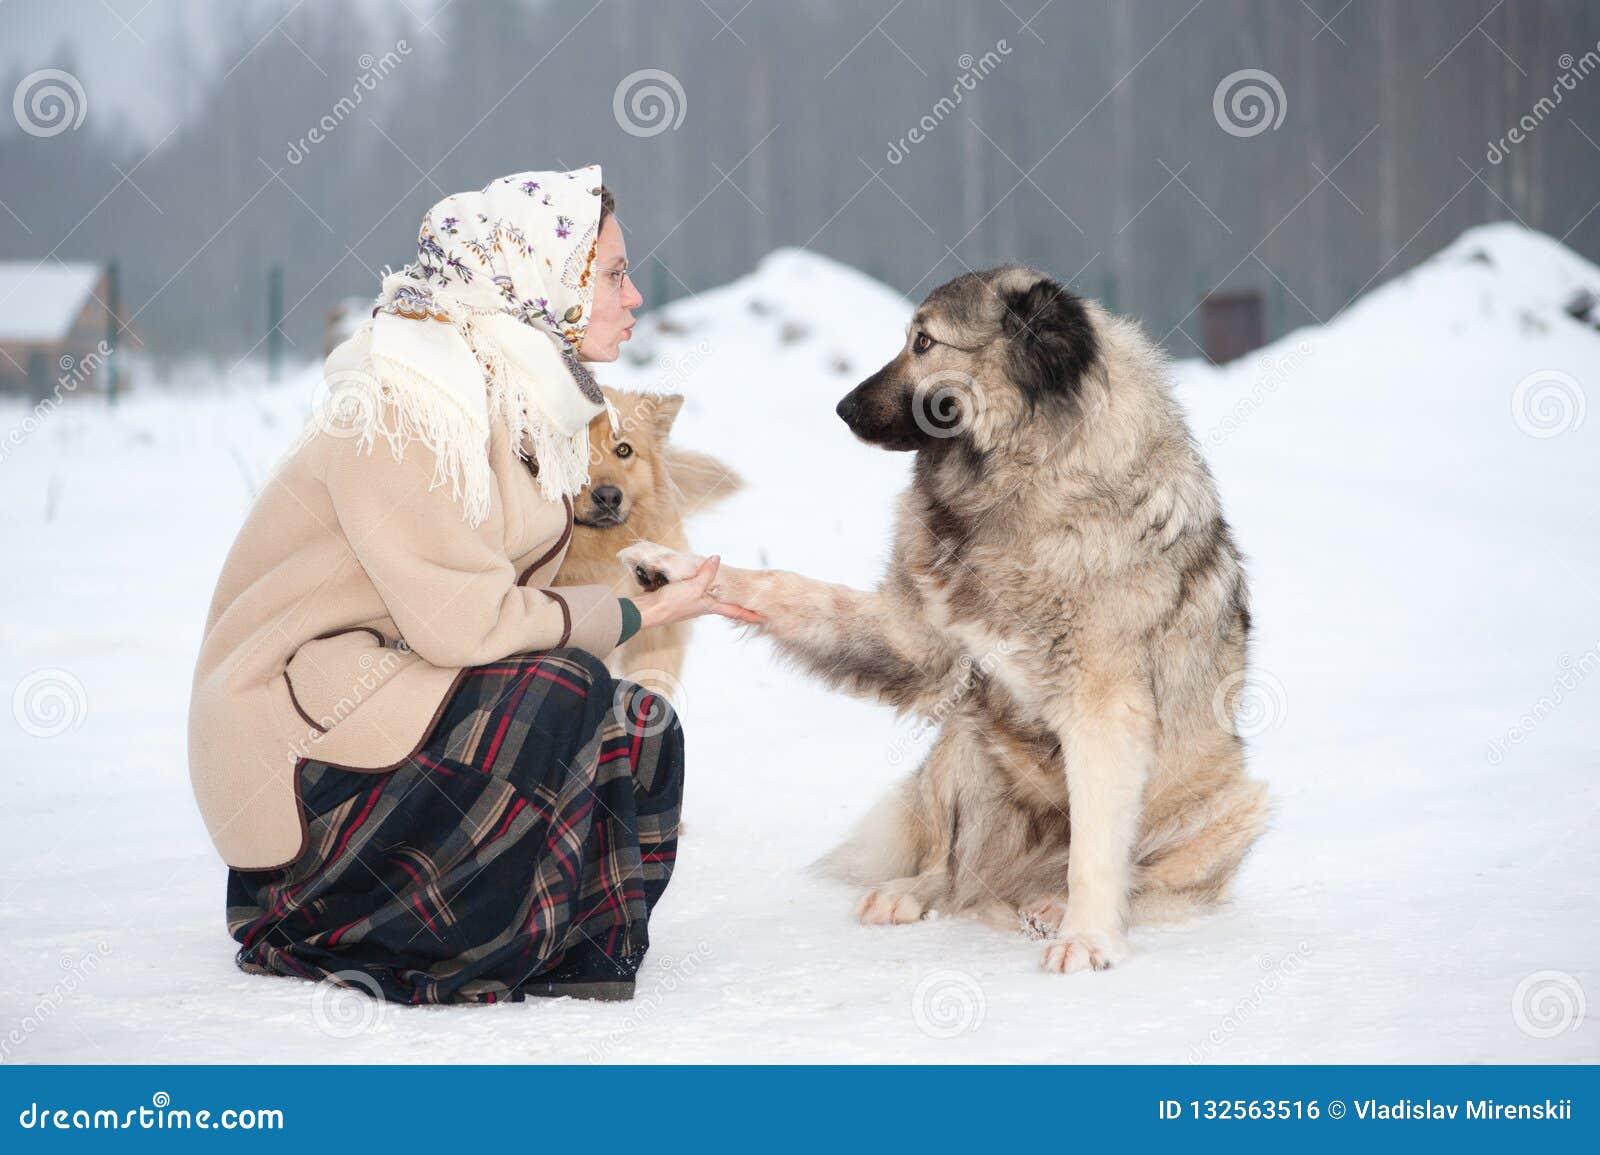 Η γυναίκα εκπαιδεύει τον καυκάσιους ποιμένα και το σκυλί ναυπηγείων σε ένα χιονώδες έδαφος στο πάρκο